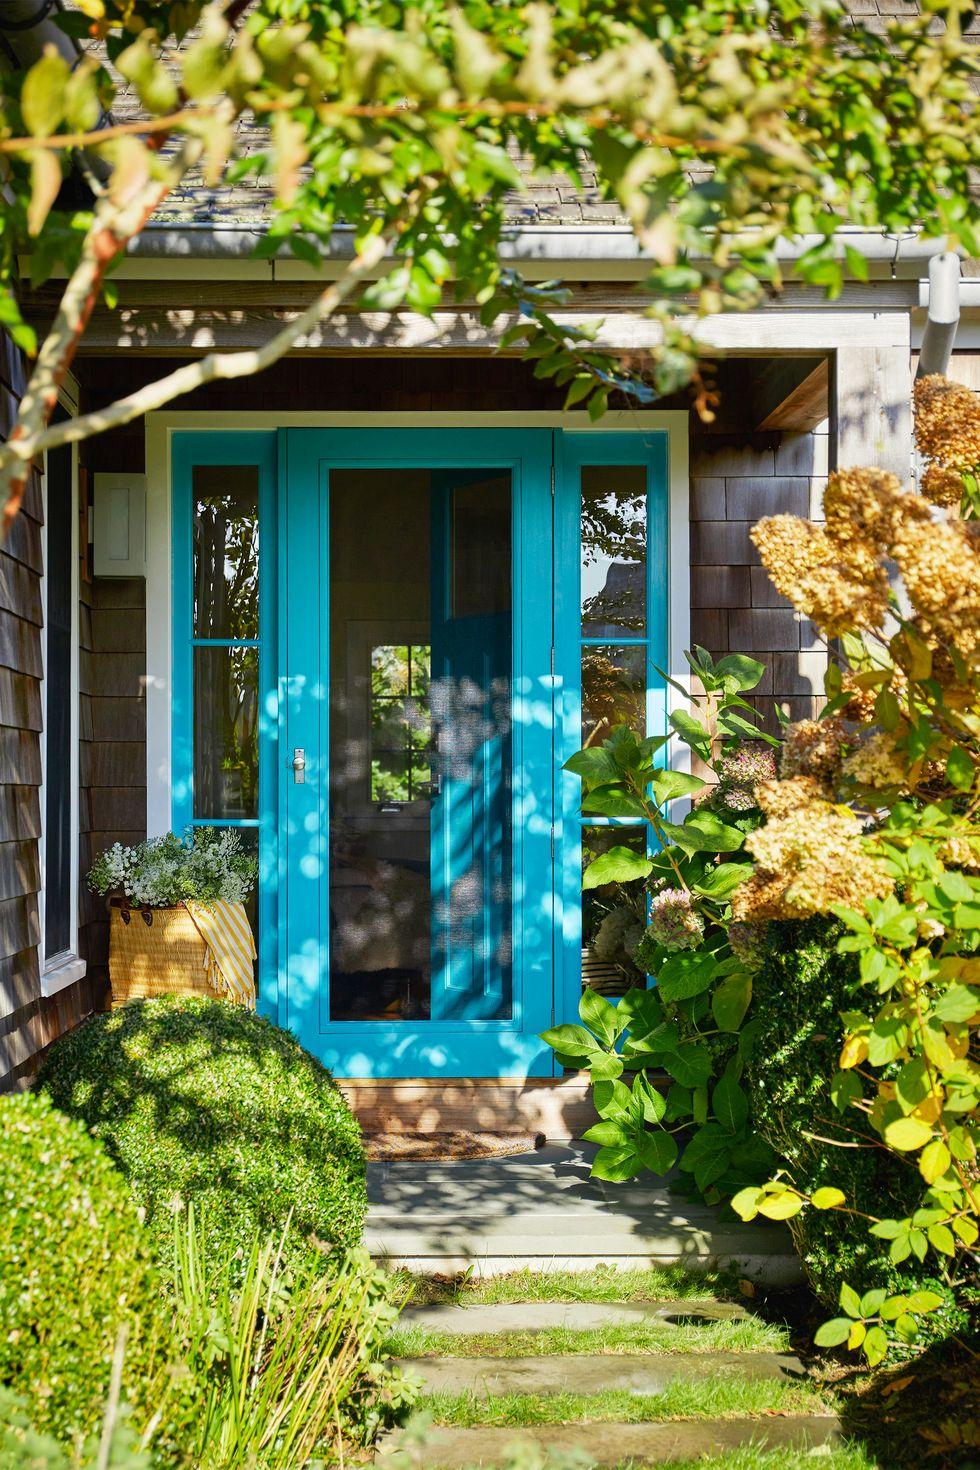 Đóng khung cửa sổ và màn hình bằng Paint Bella Mancini đã làm sinh động cánh cửa màn này và khung gỗ của nó với Santa Clara của Benjamin Moore . Màu sắc mang lại cảm giác như đang ở nhà với cây tuyết tùng và hoa cẩm tú cầu, nhưng có một điểm nhấn là sự vui tươi riêng biệt.